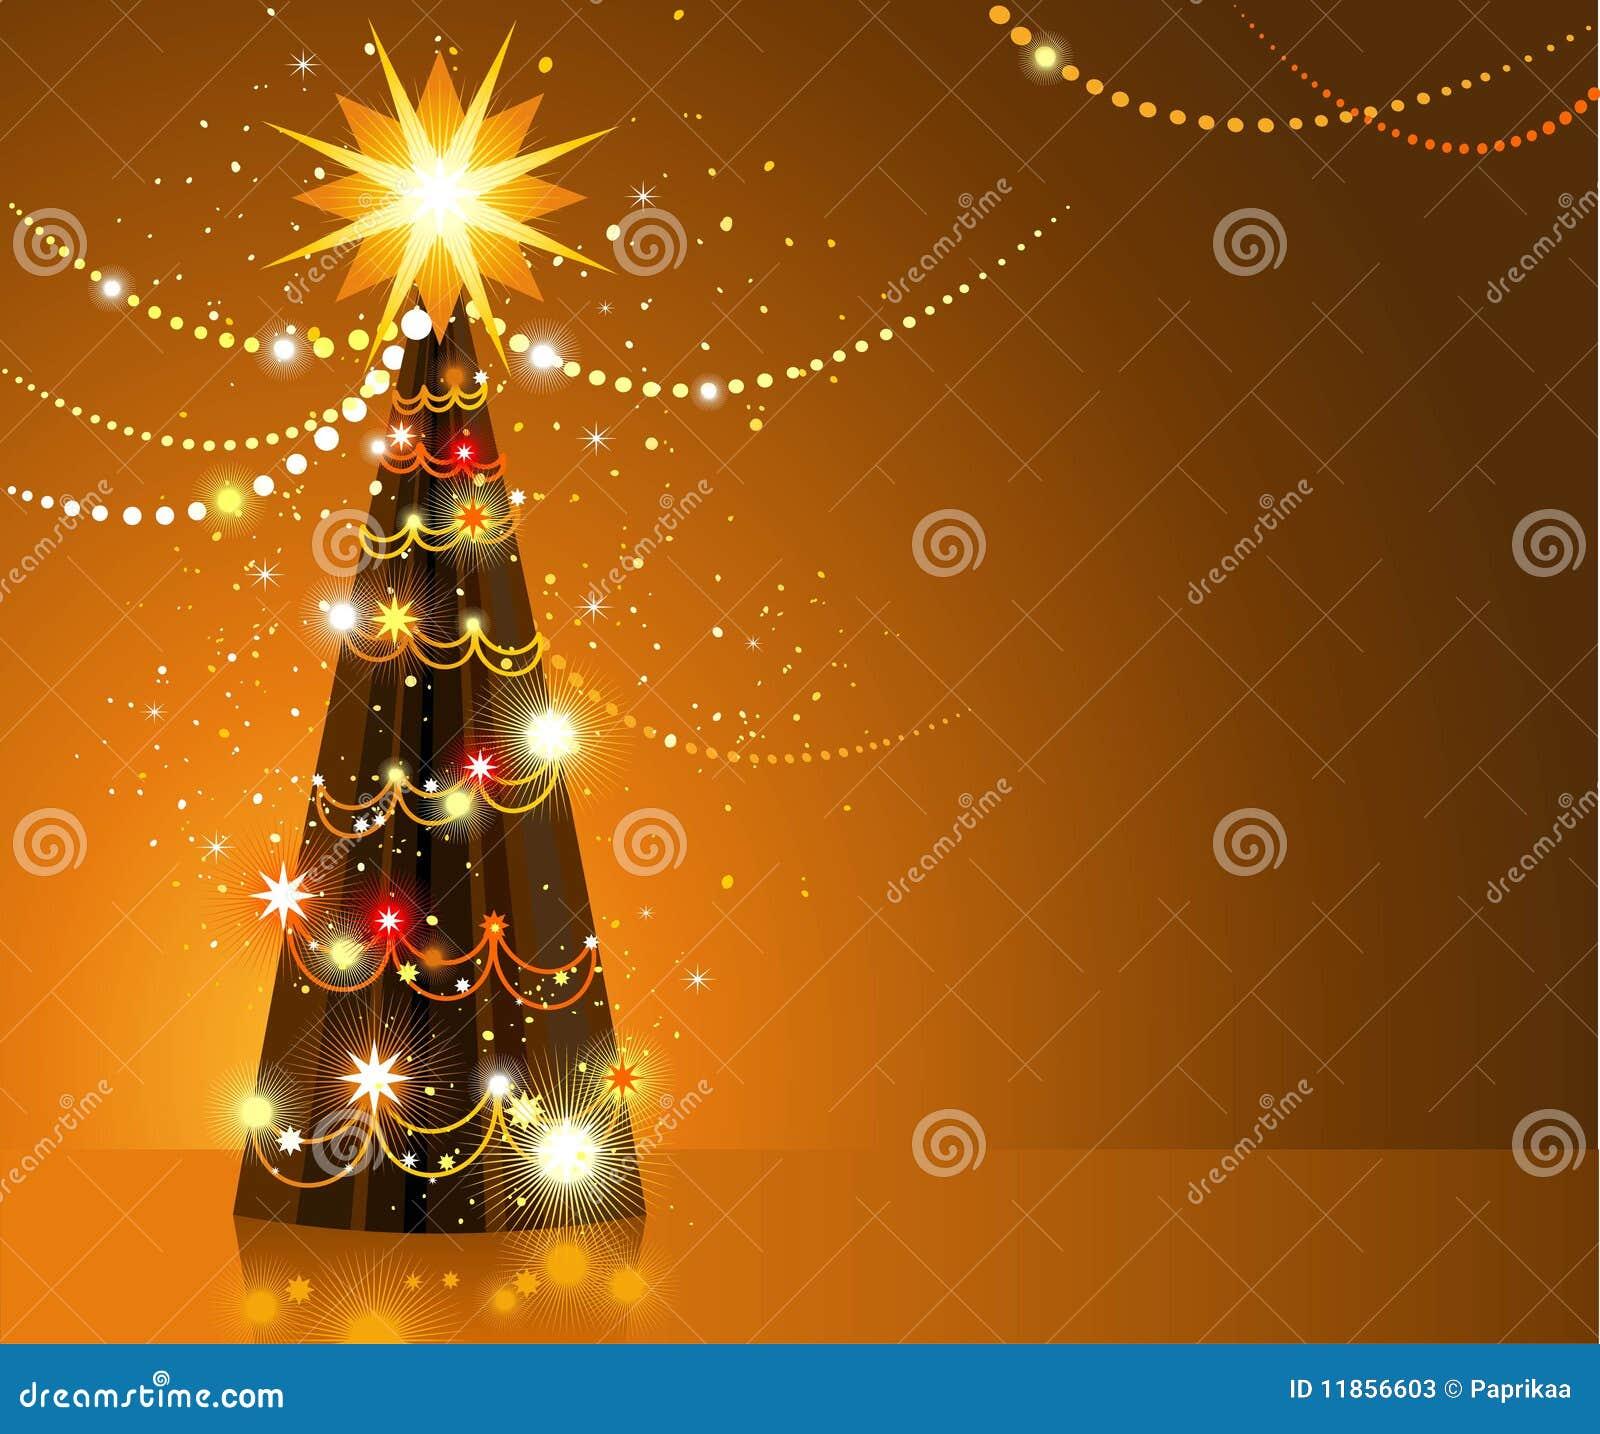 goldener weihnachtsbaum stockfotos bild 11856603. Black Bedroom Furniture Sets. Home Design Ideas